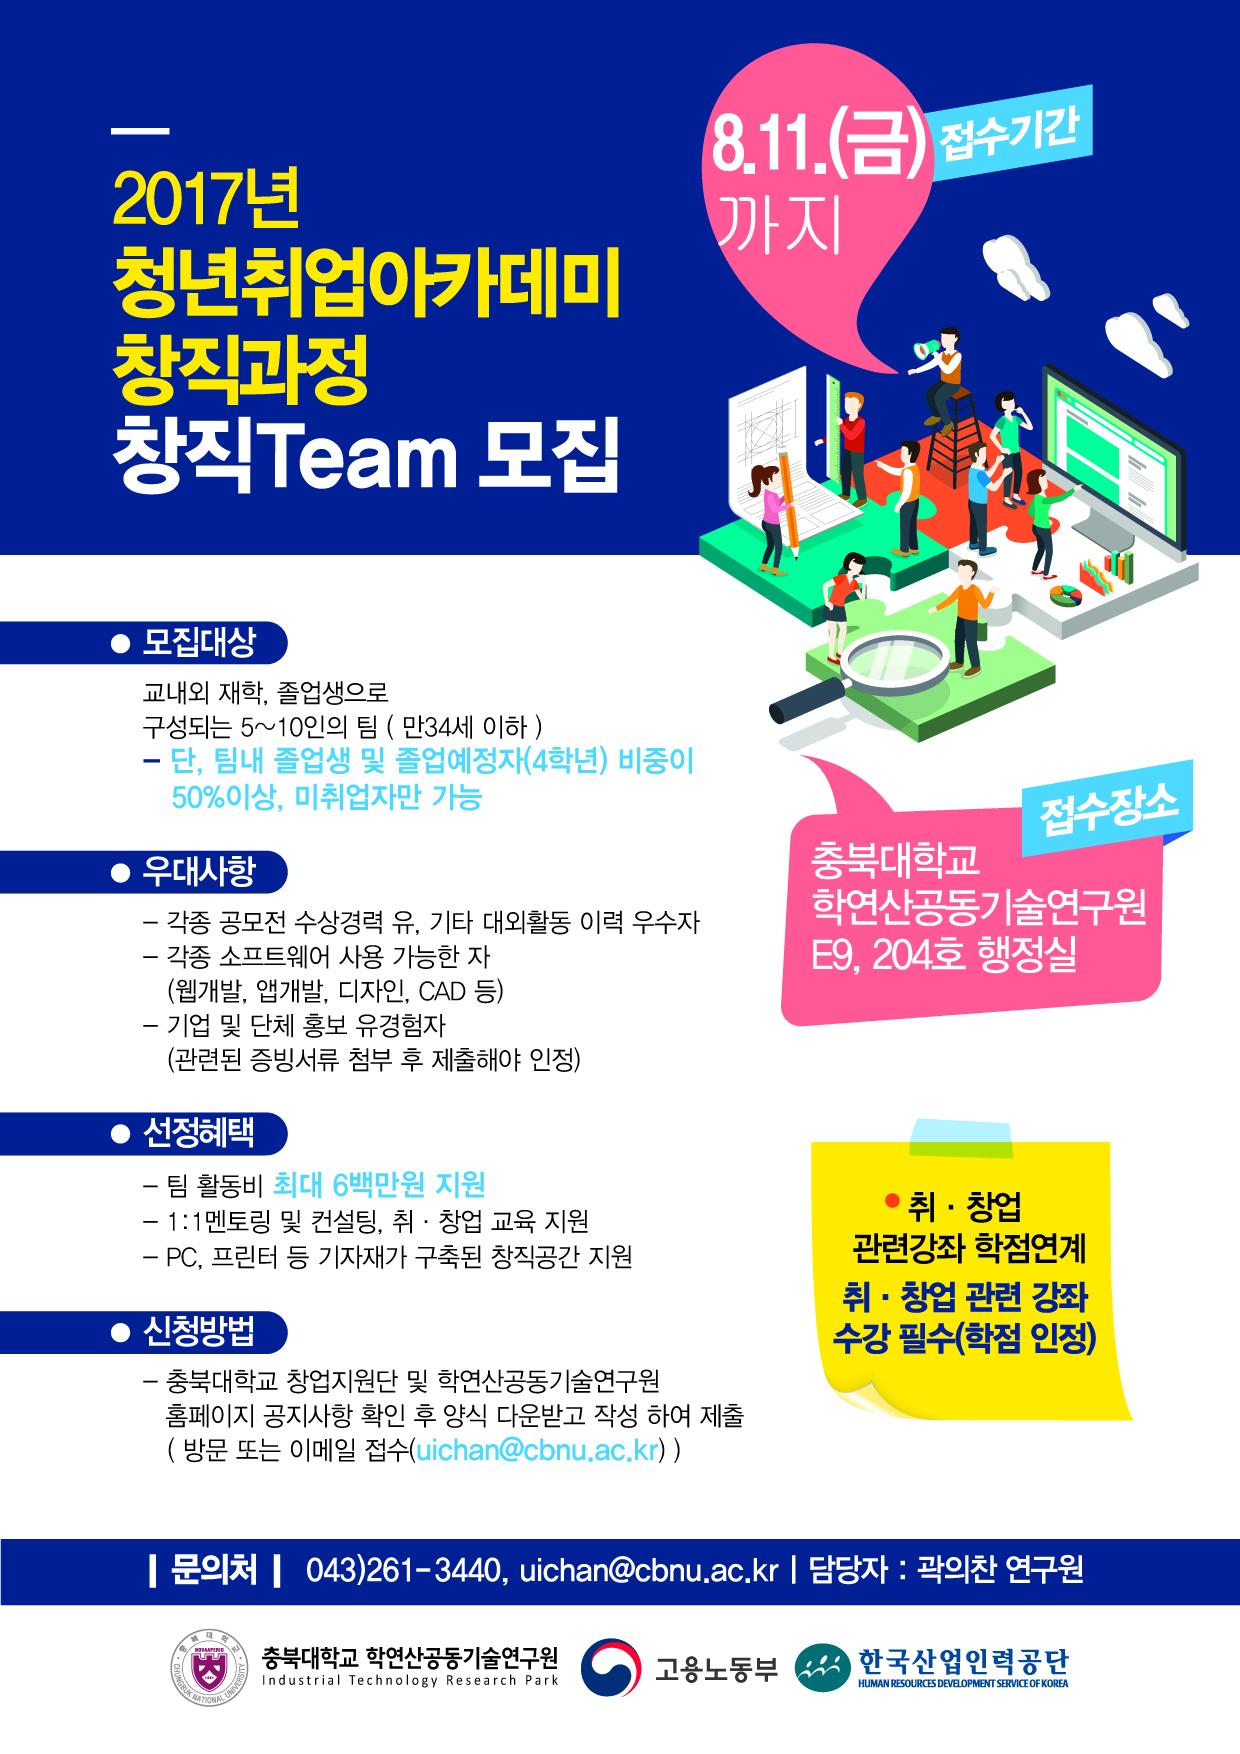 (수정)충북대학교_창직과정_창직팀.jpg